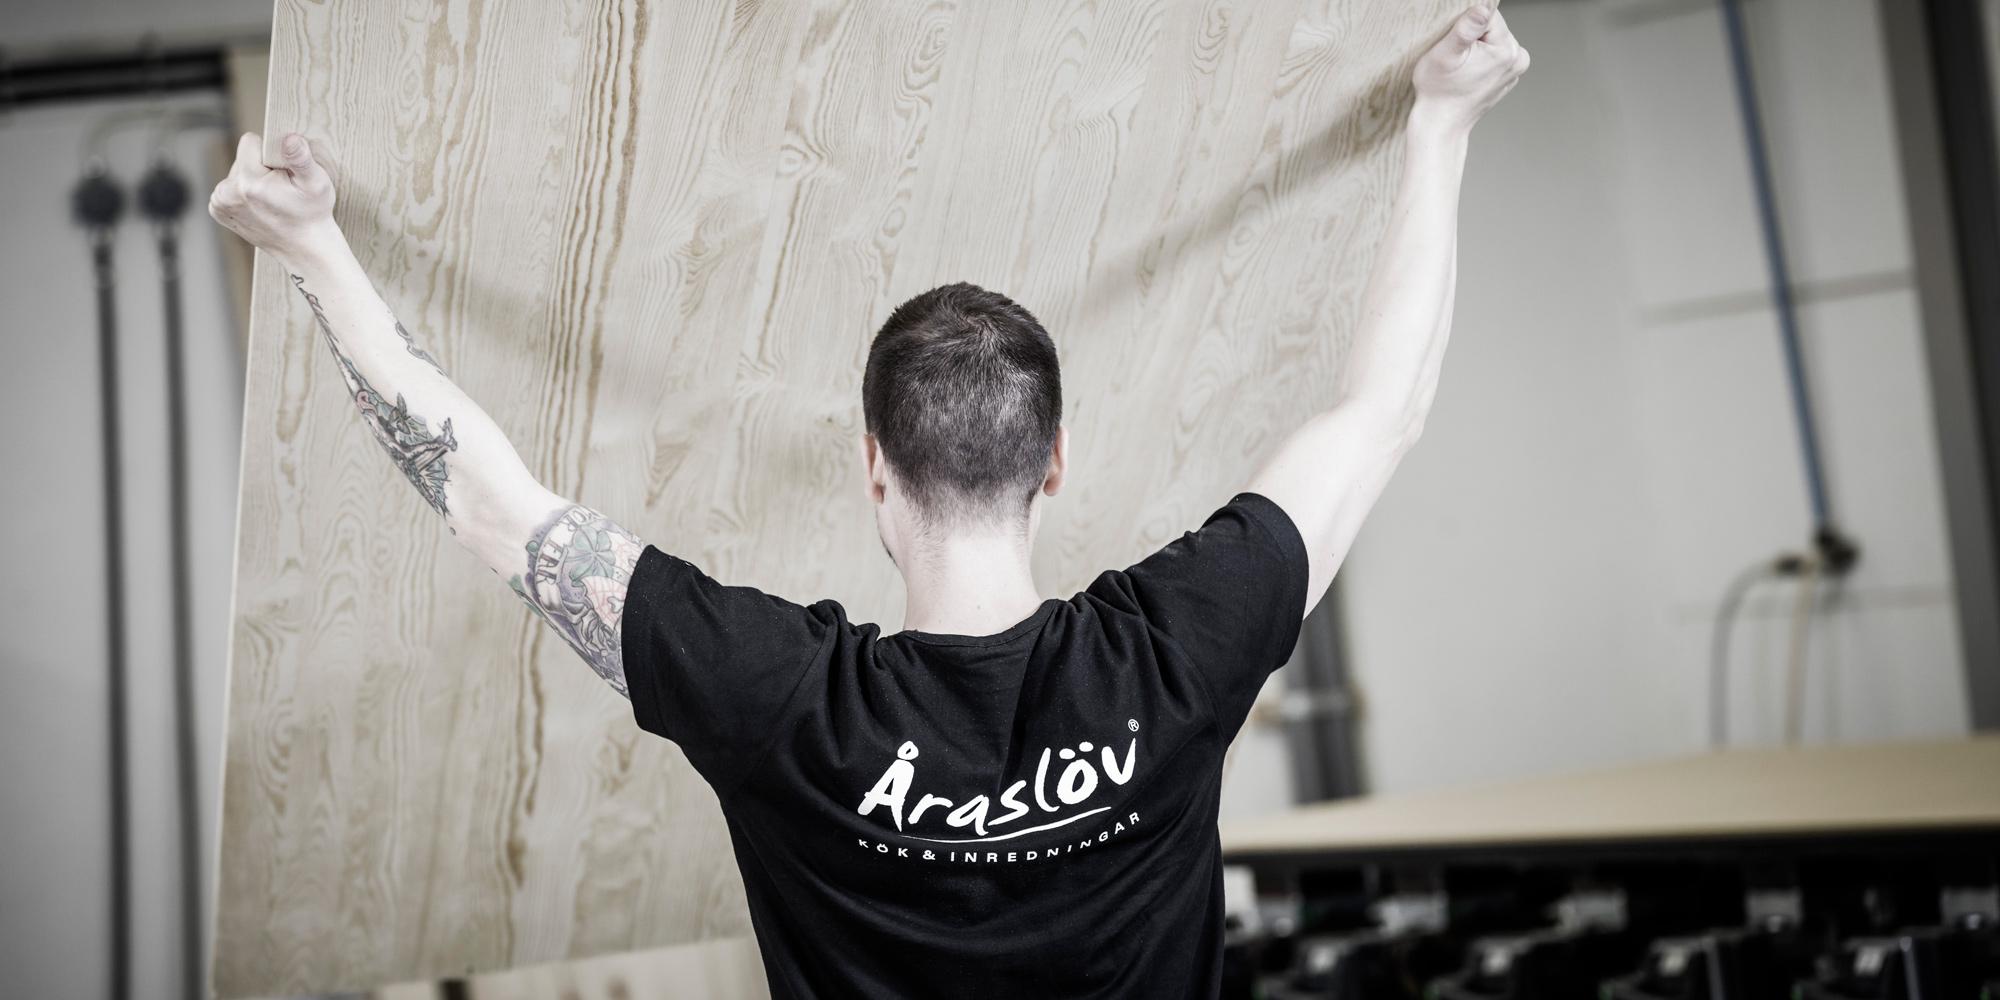 araslov-snickerier-171006-5909